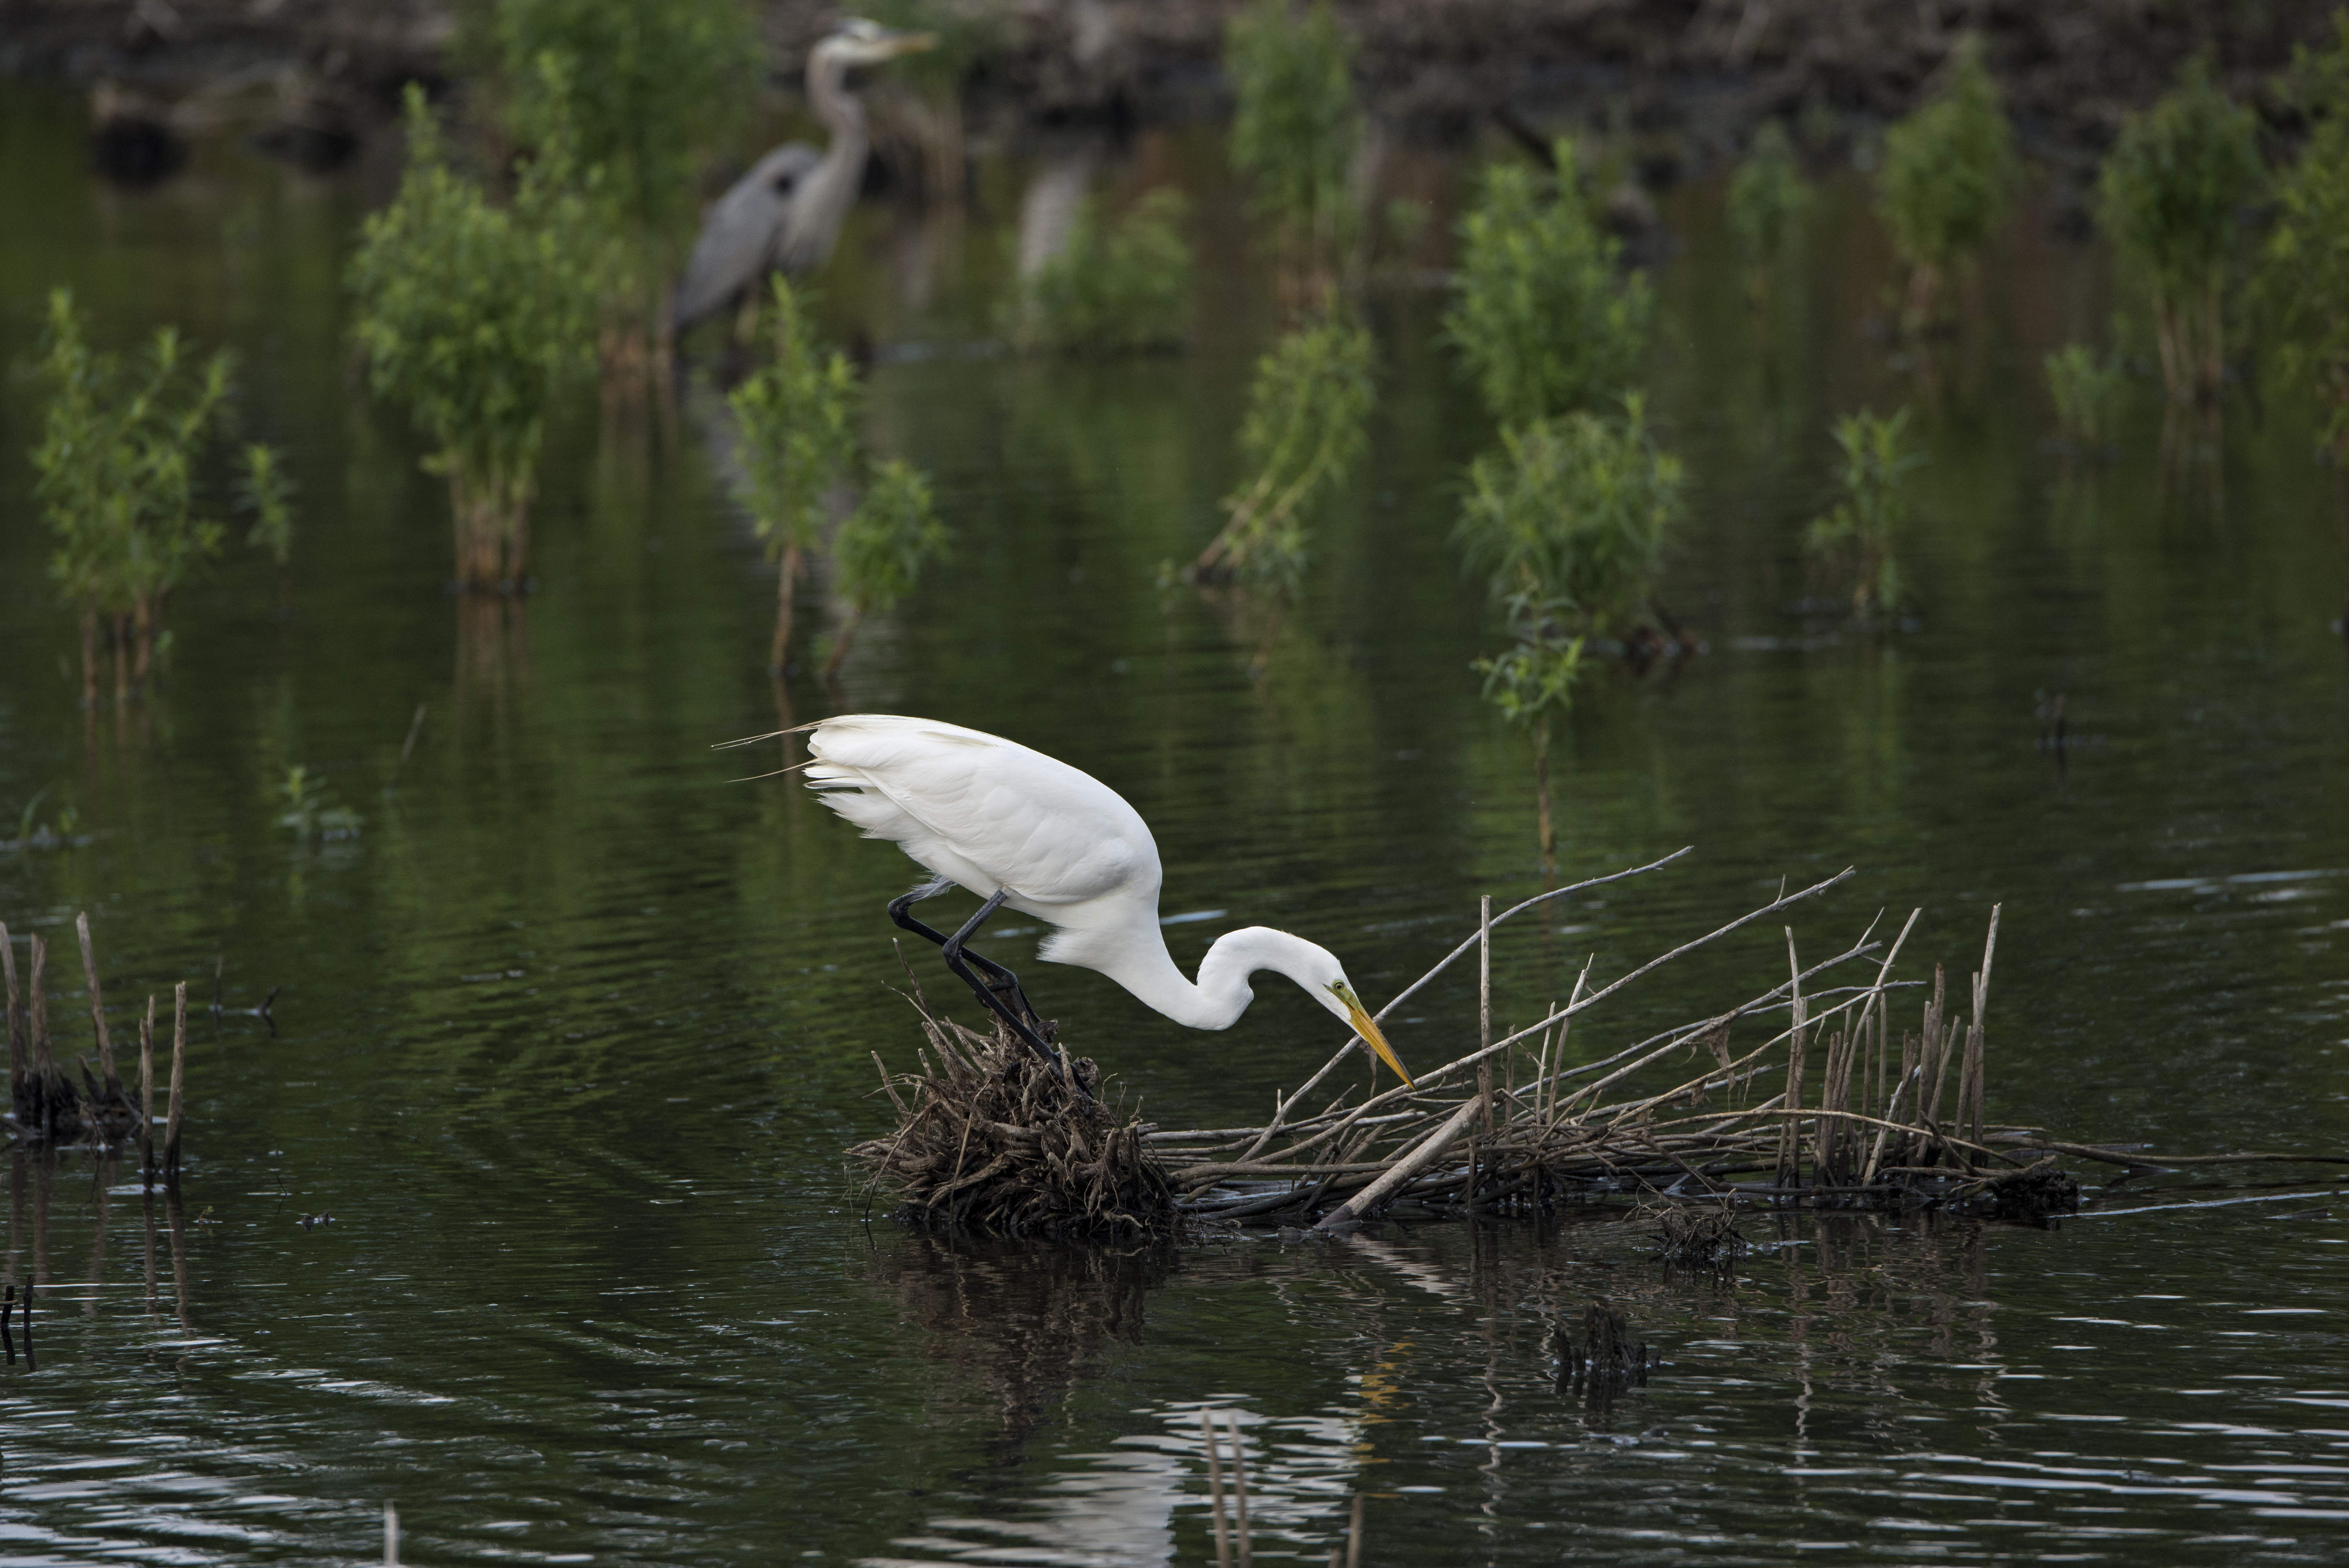 Great Egret: Graceful White Wader